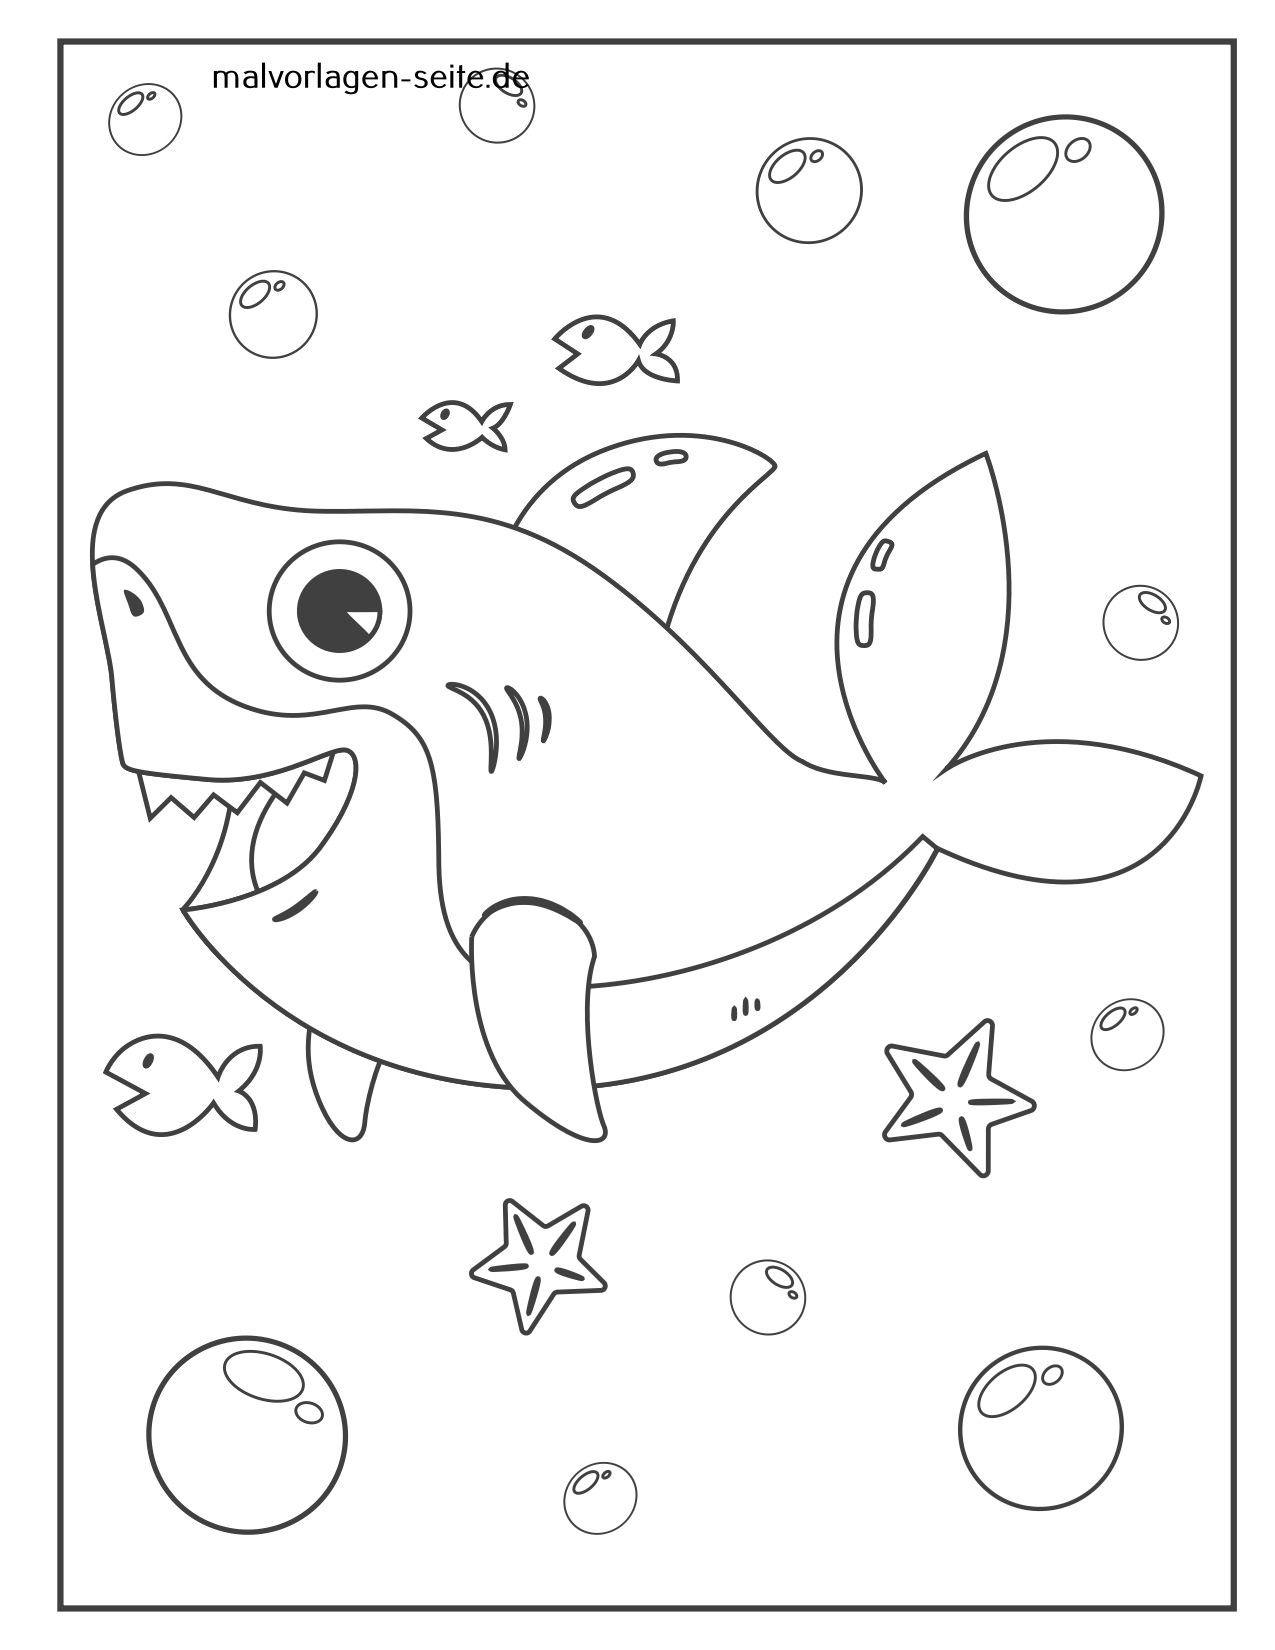 Mewarnai hiu halaman